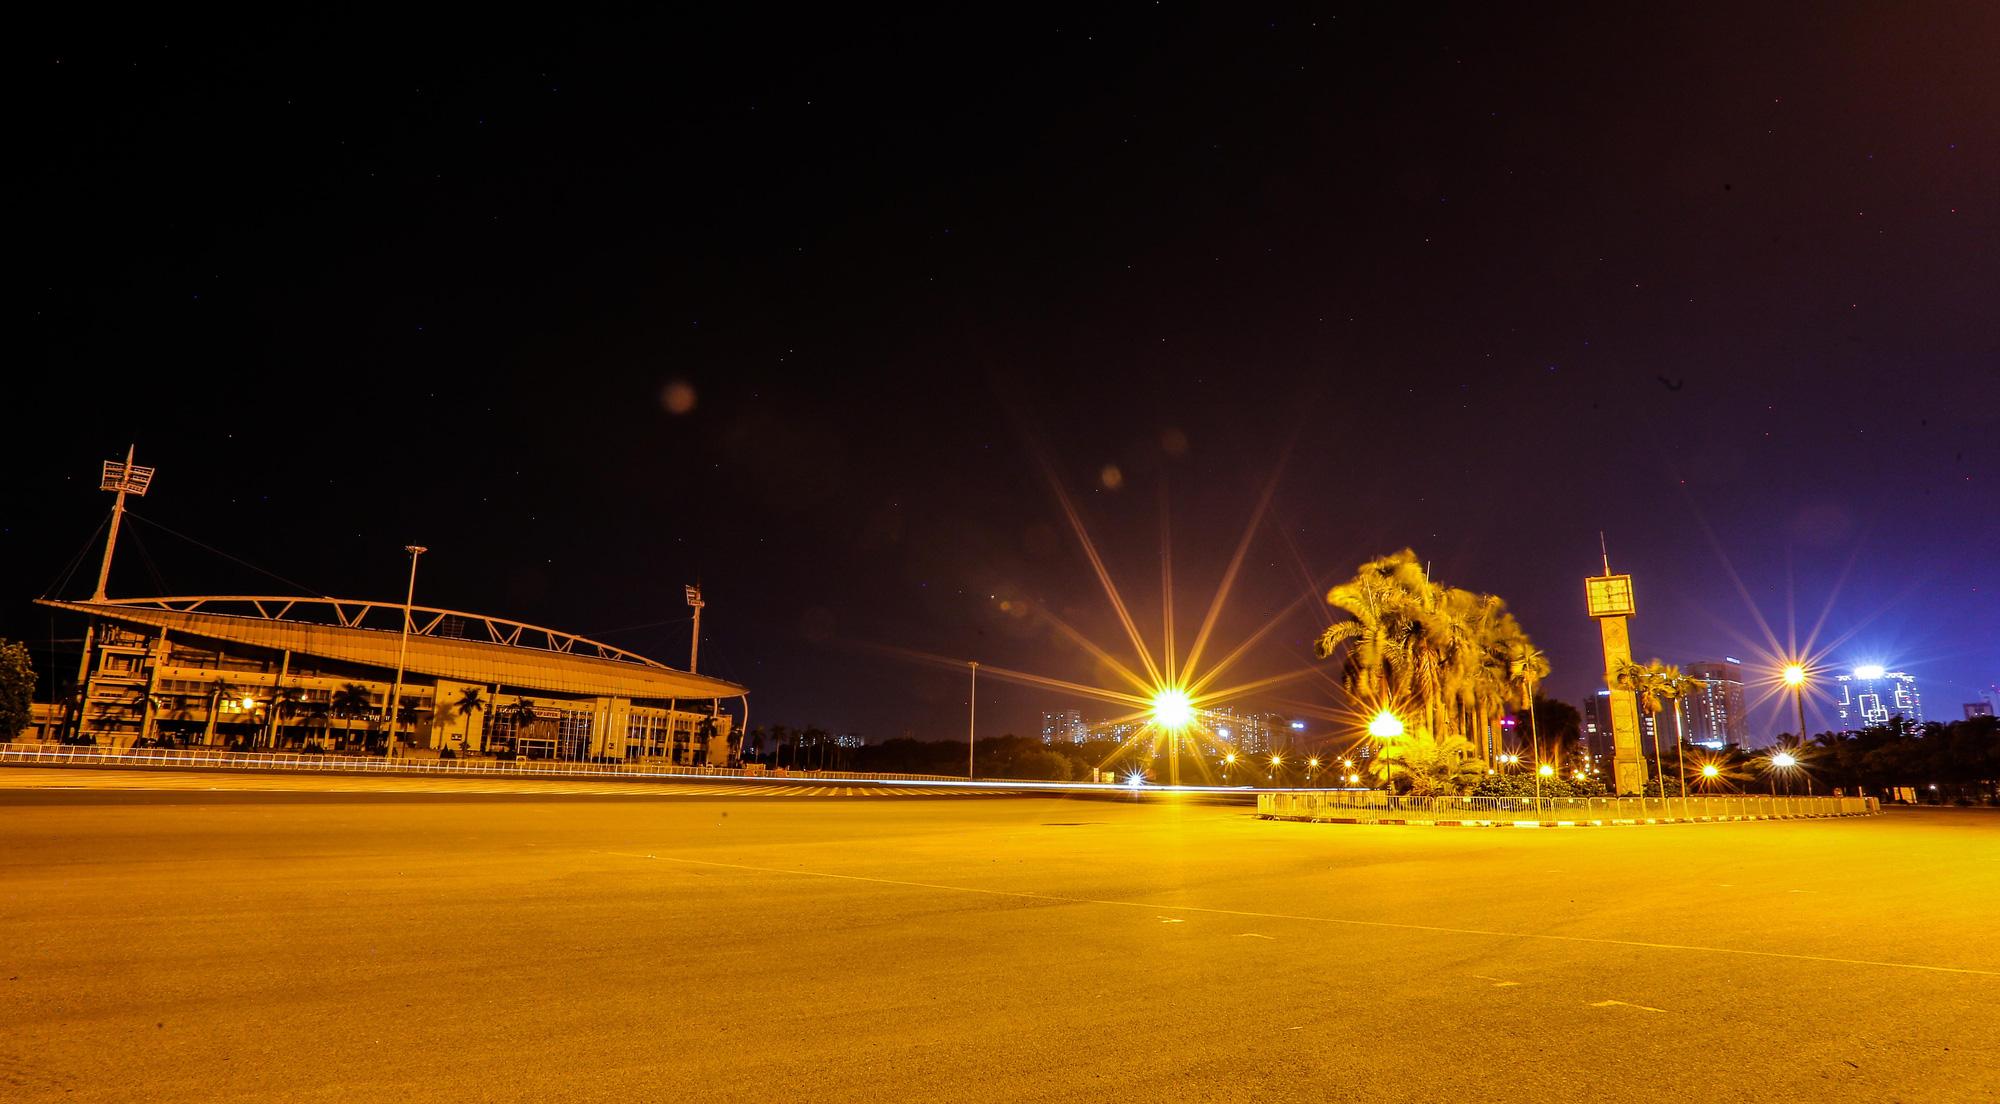 Đêm Hà Nội vắng lặng trong những ngày giãn cách xã hội - Ảnh 9.